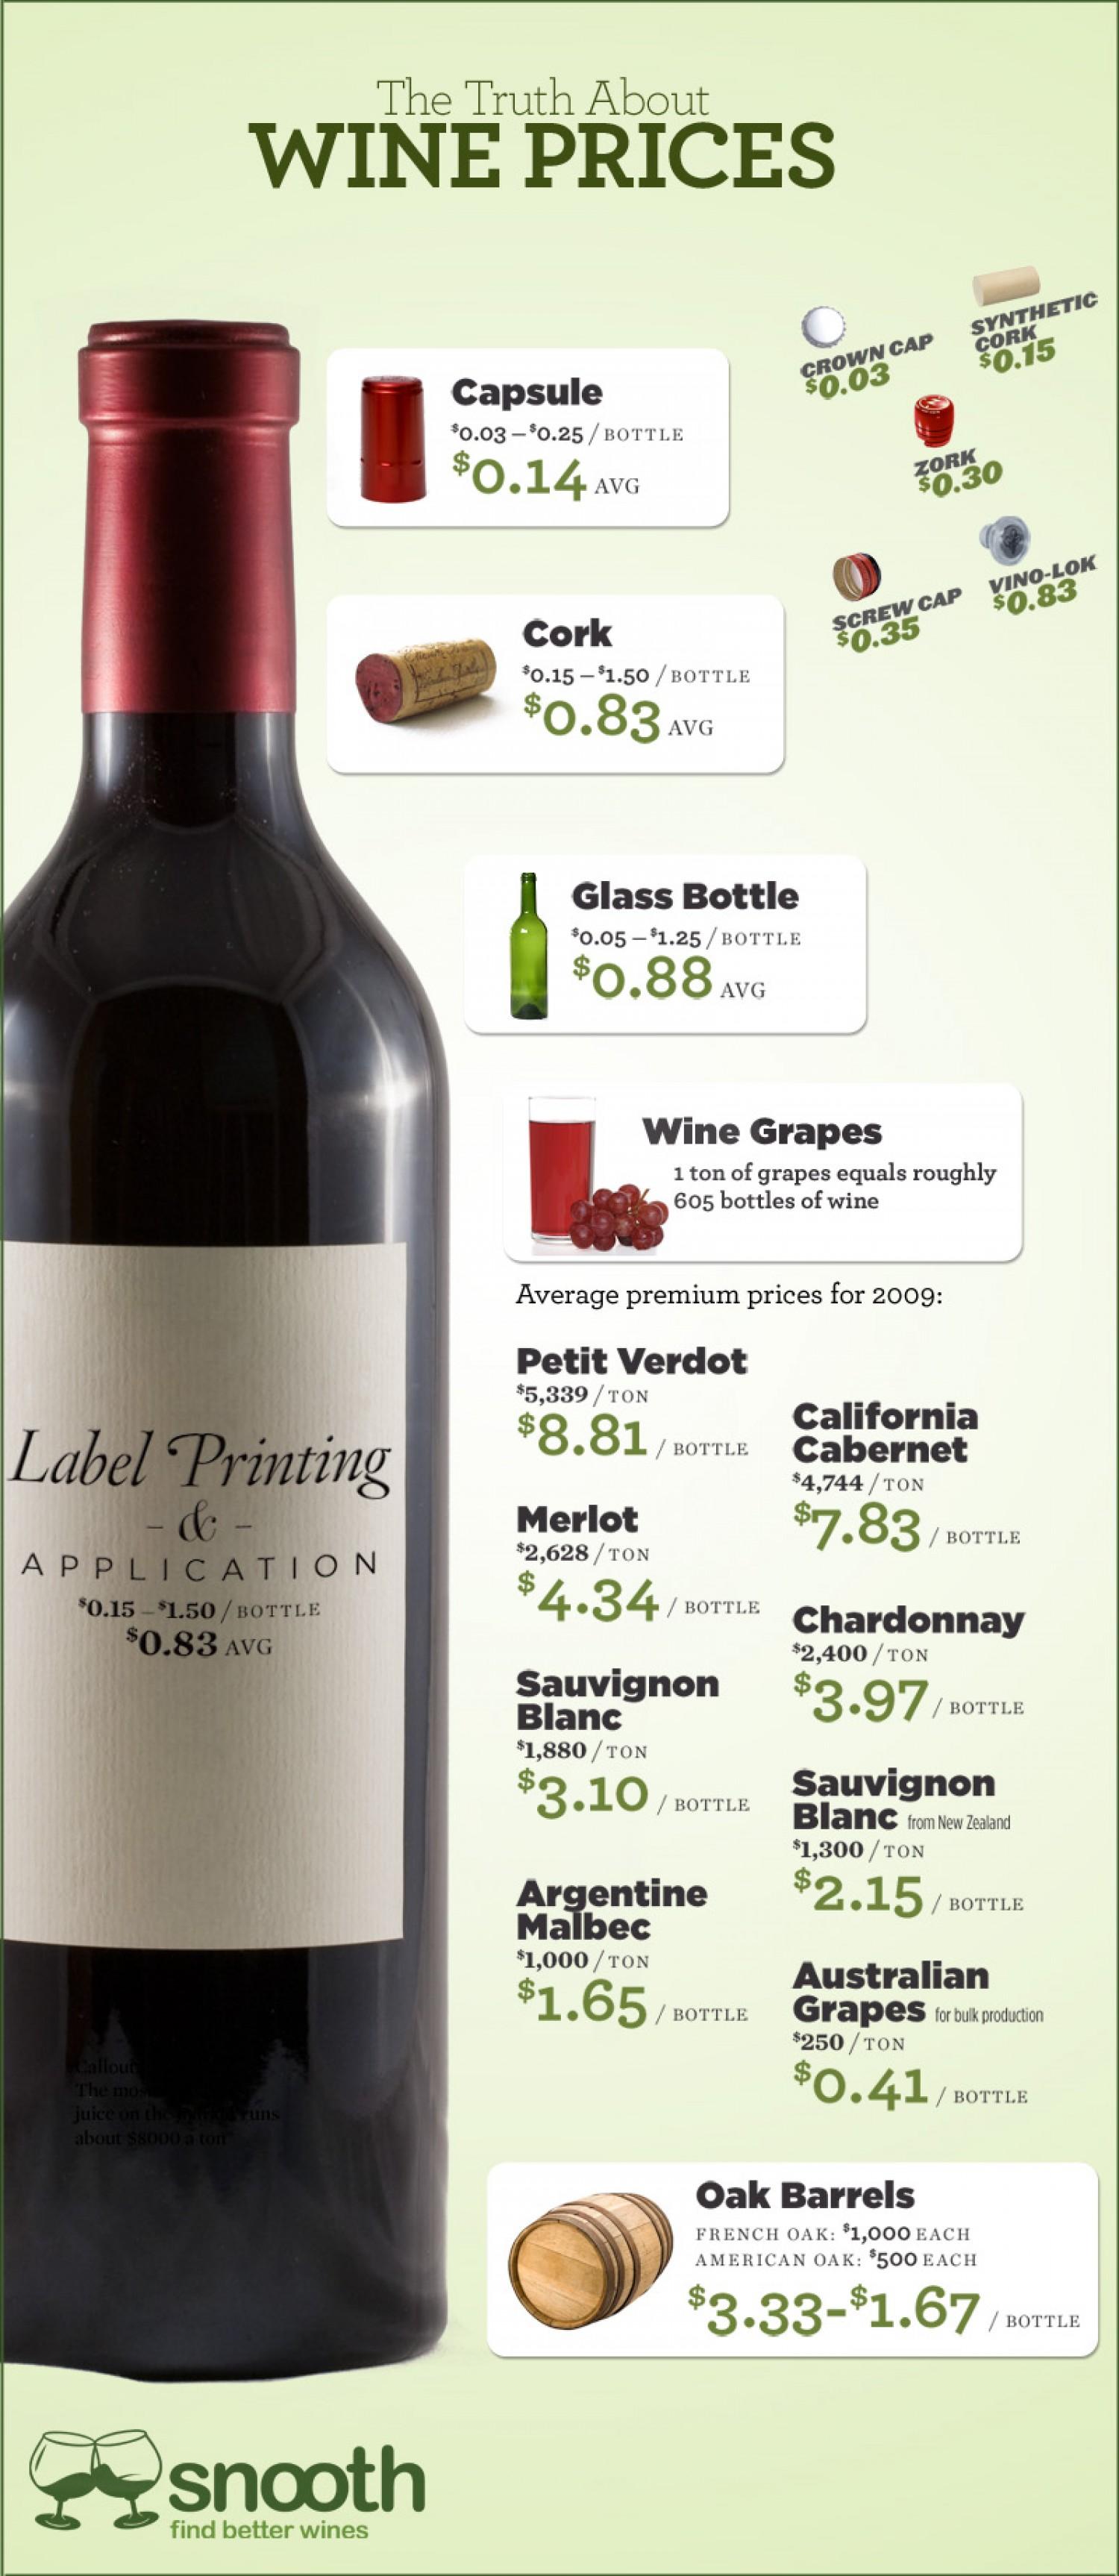 4. Wine Prices